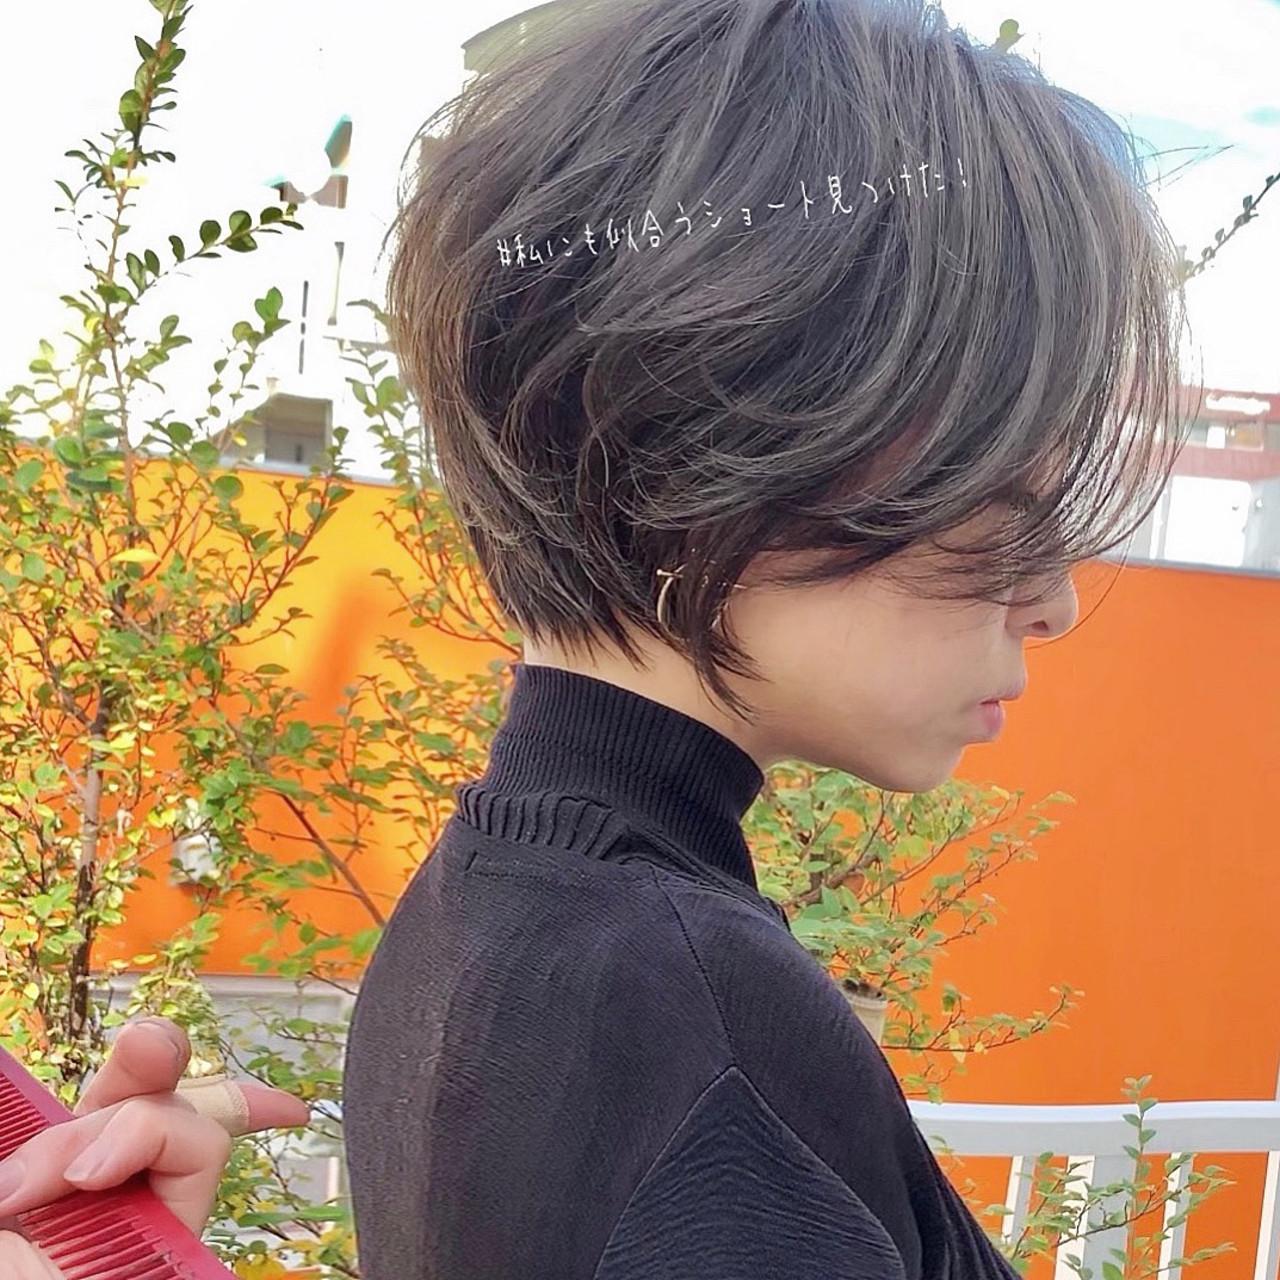 髪色を長持ちさせるおすすめのカラーシャンプー6選|使い方なども解説